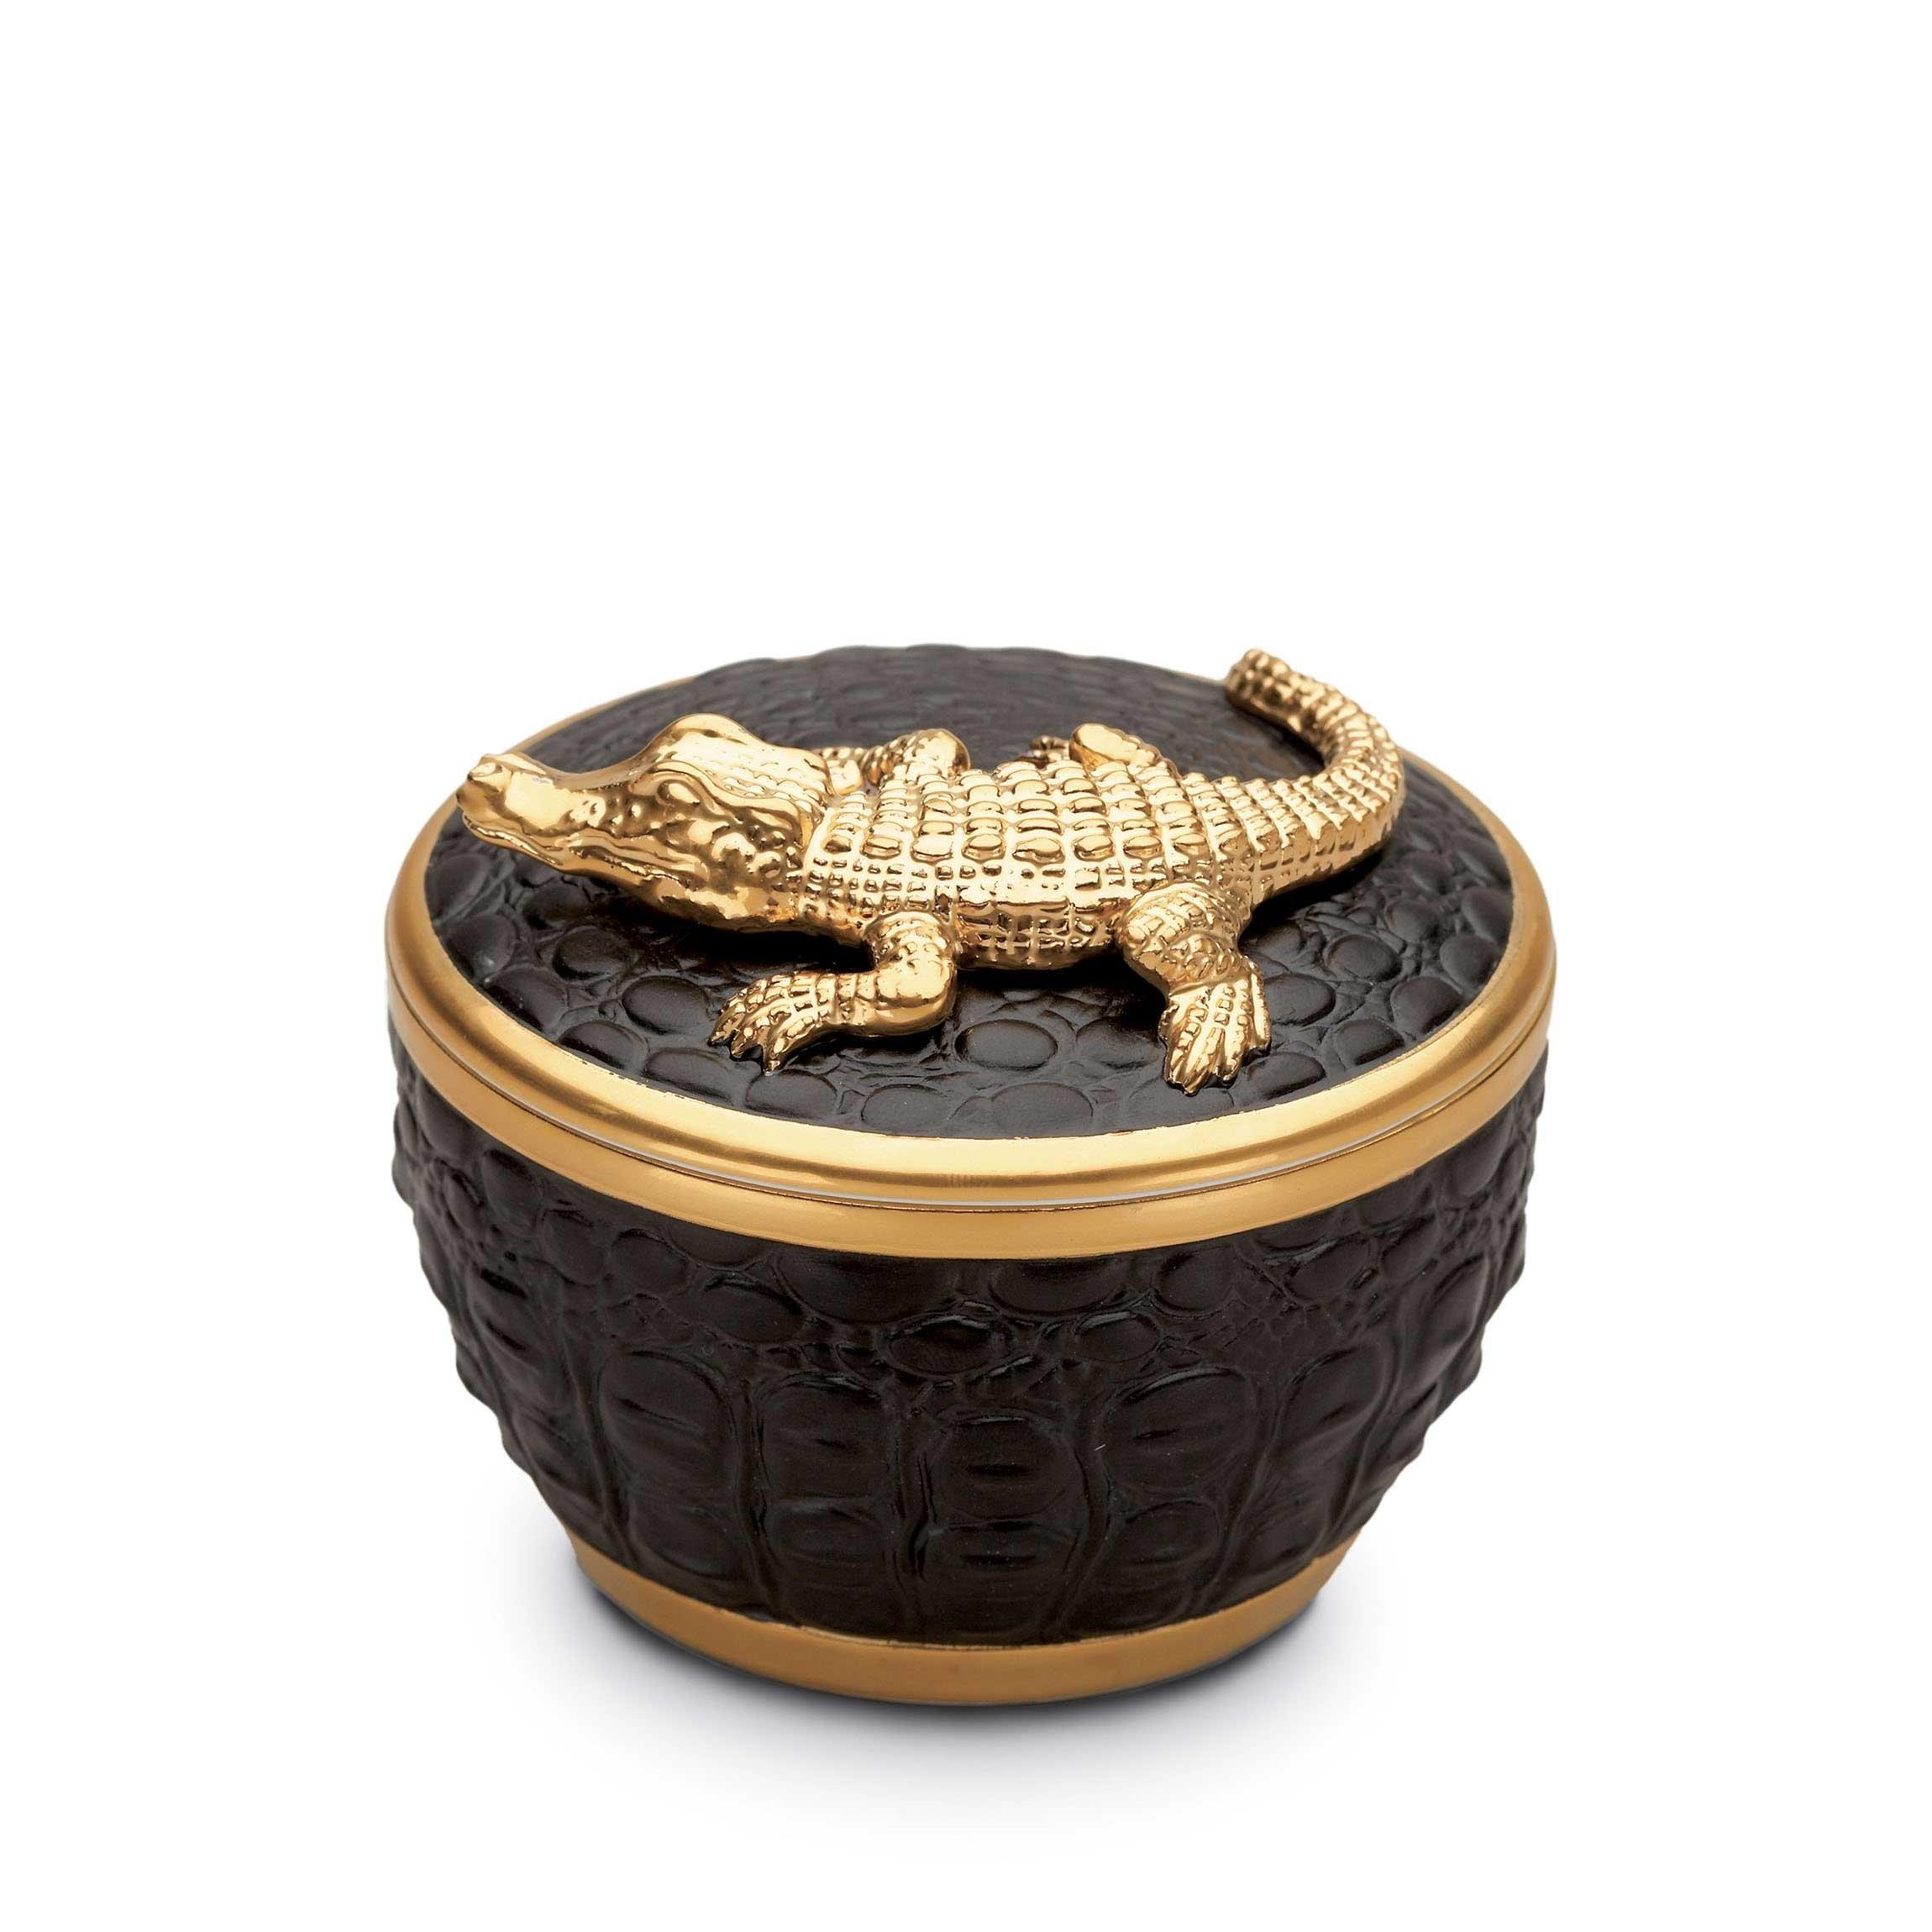 la bougie parfum e crocodile de l 39 objet chez scandles. Black Bedroom Furniture Sets. Home Design Ideas